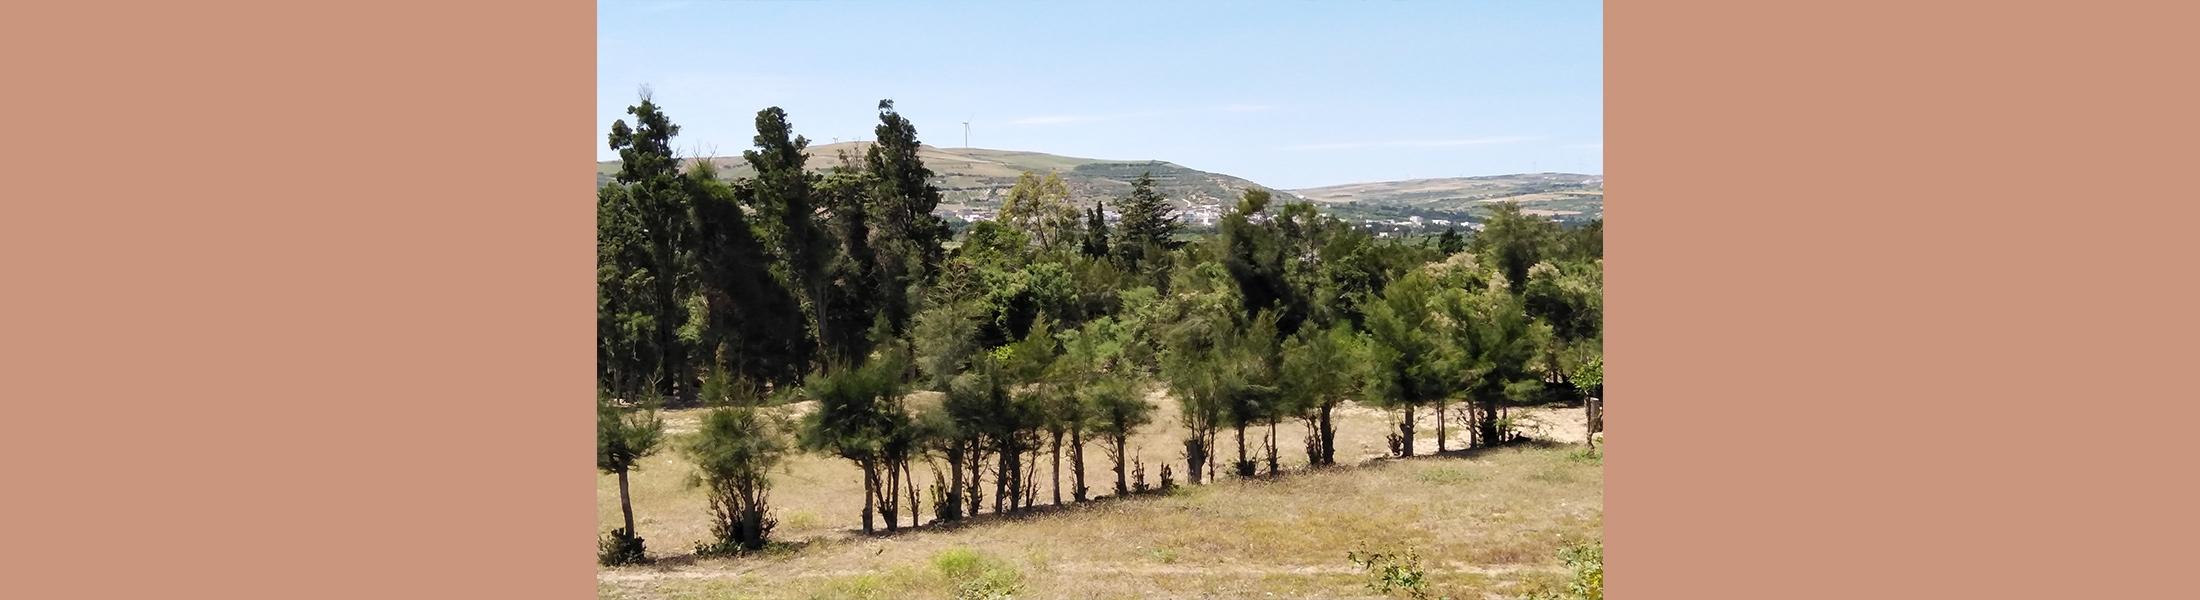 قطعة الارض راس الجبل 1 - راس الجبل (طلب العروض عدد 03 لسنة 2021)